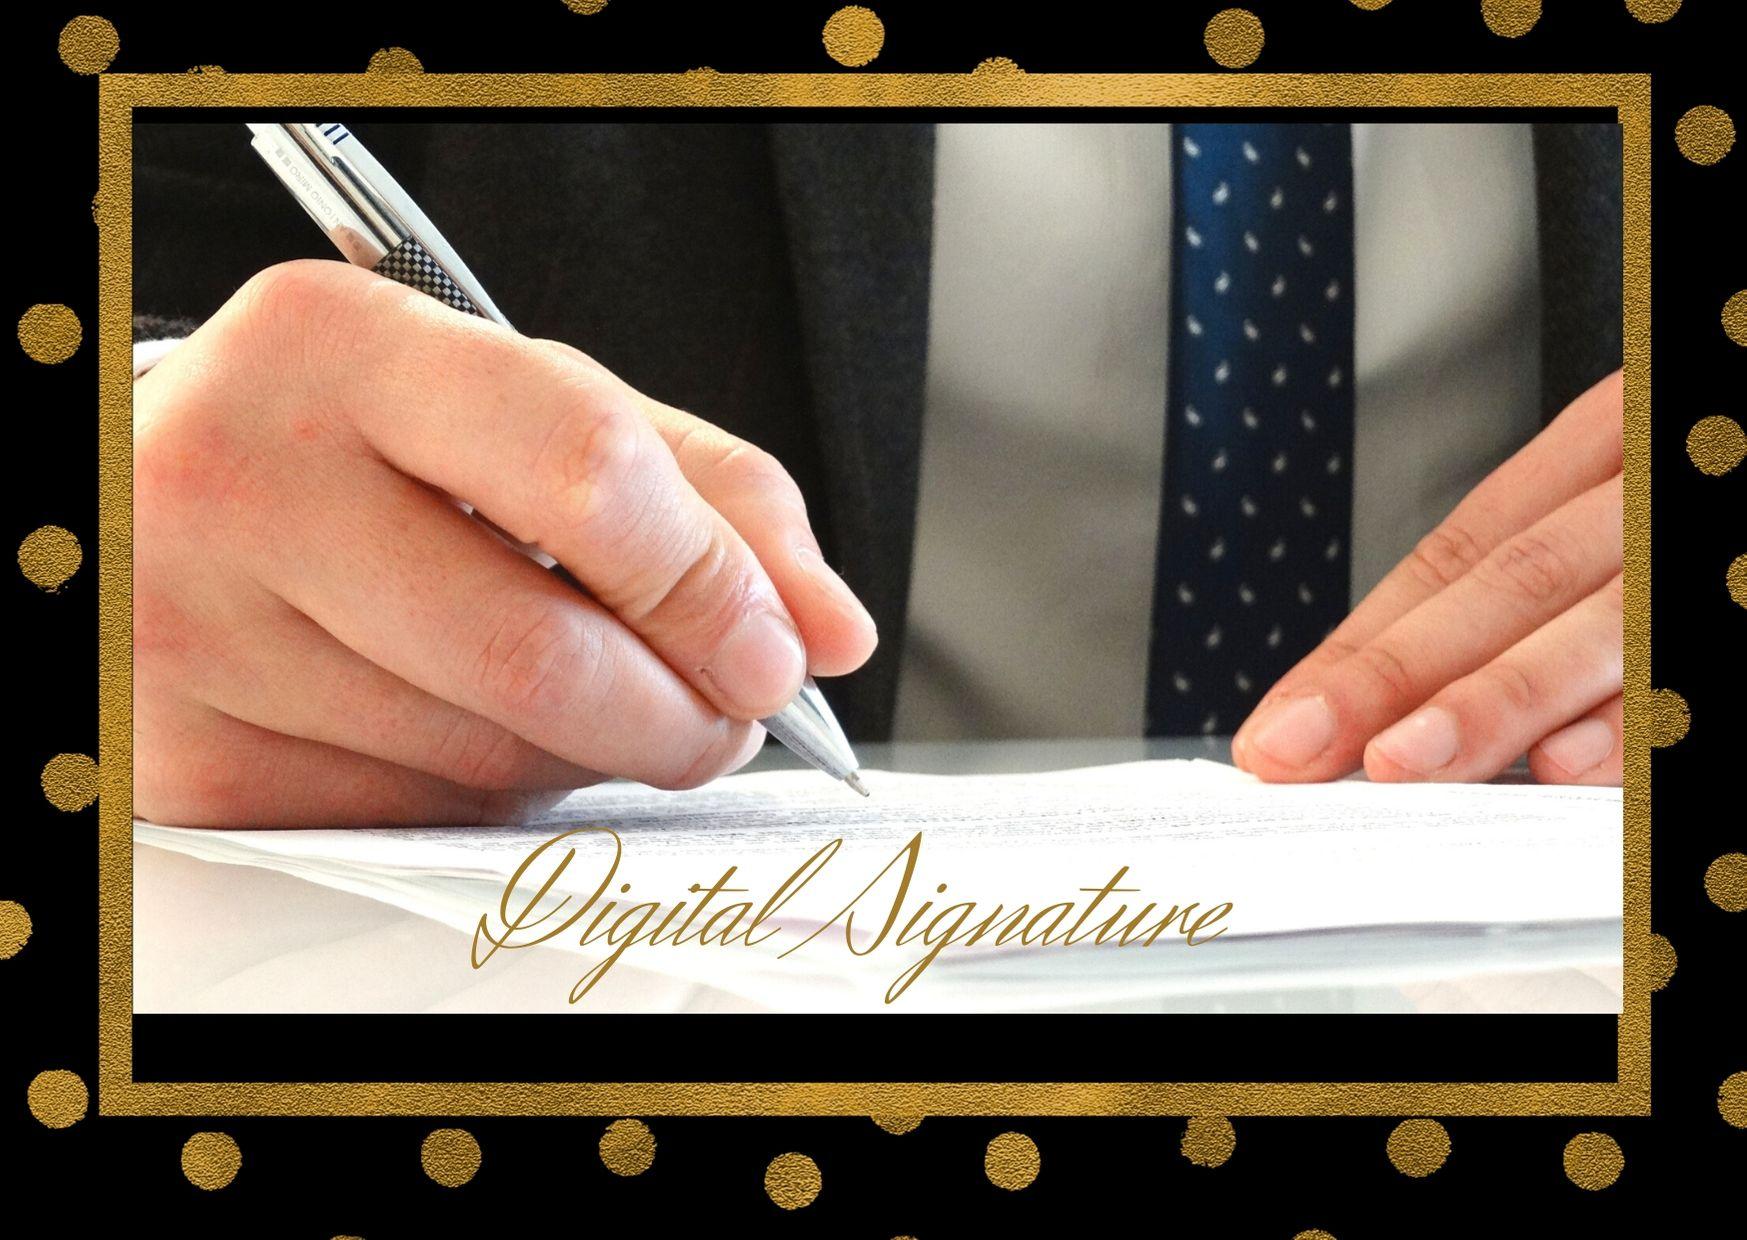 DSC (Digital Signature)